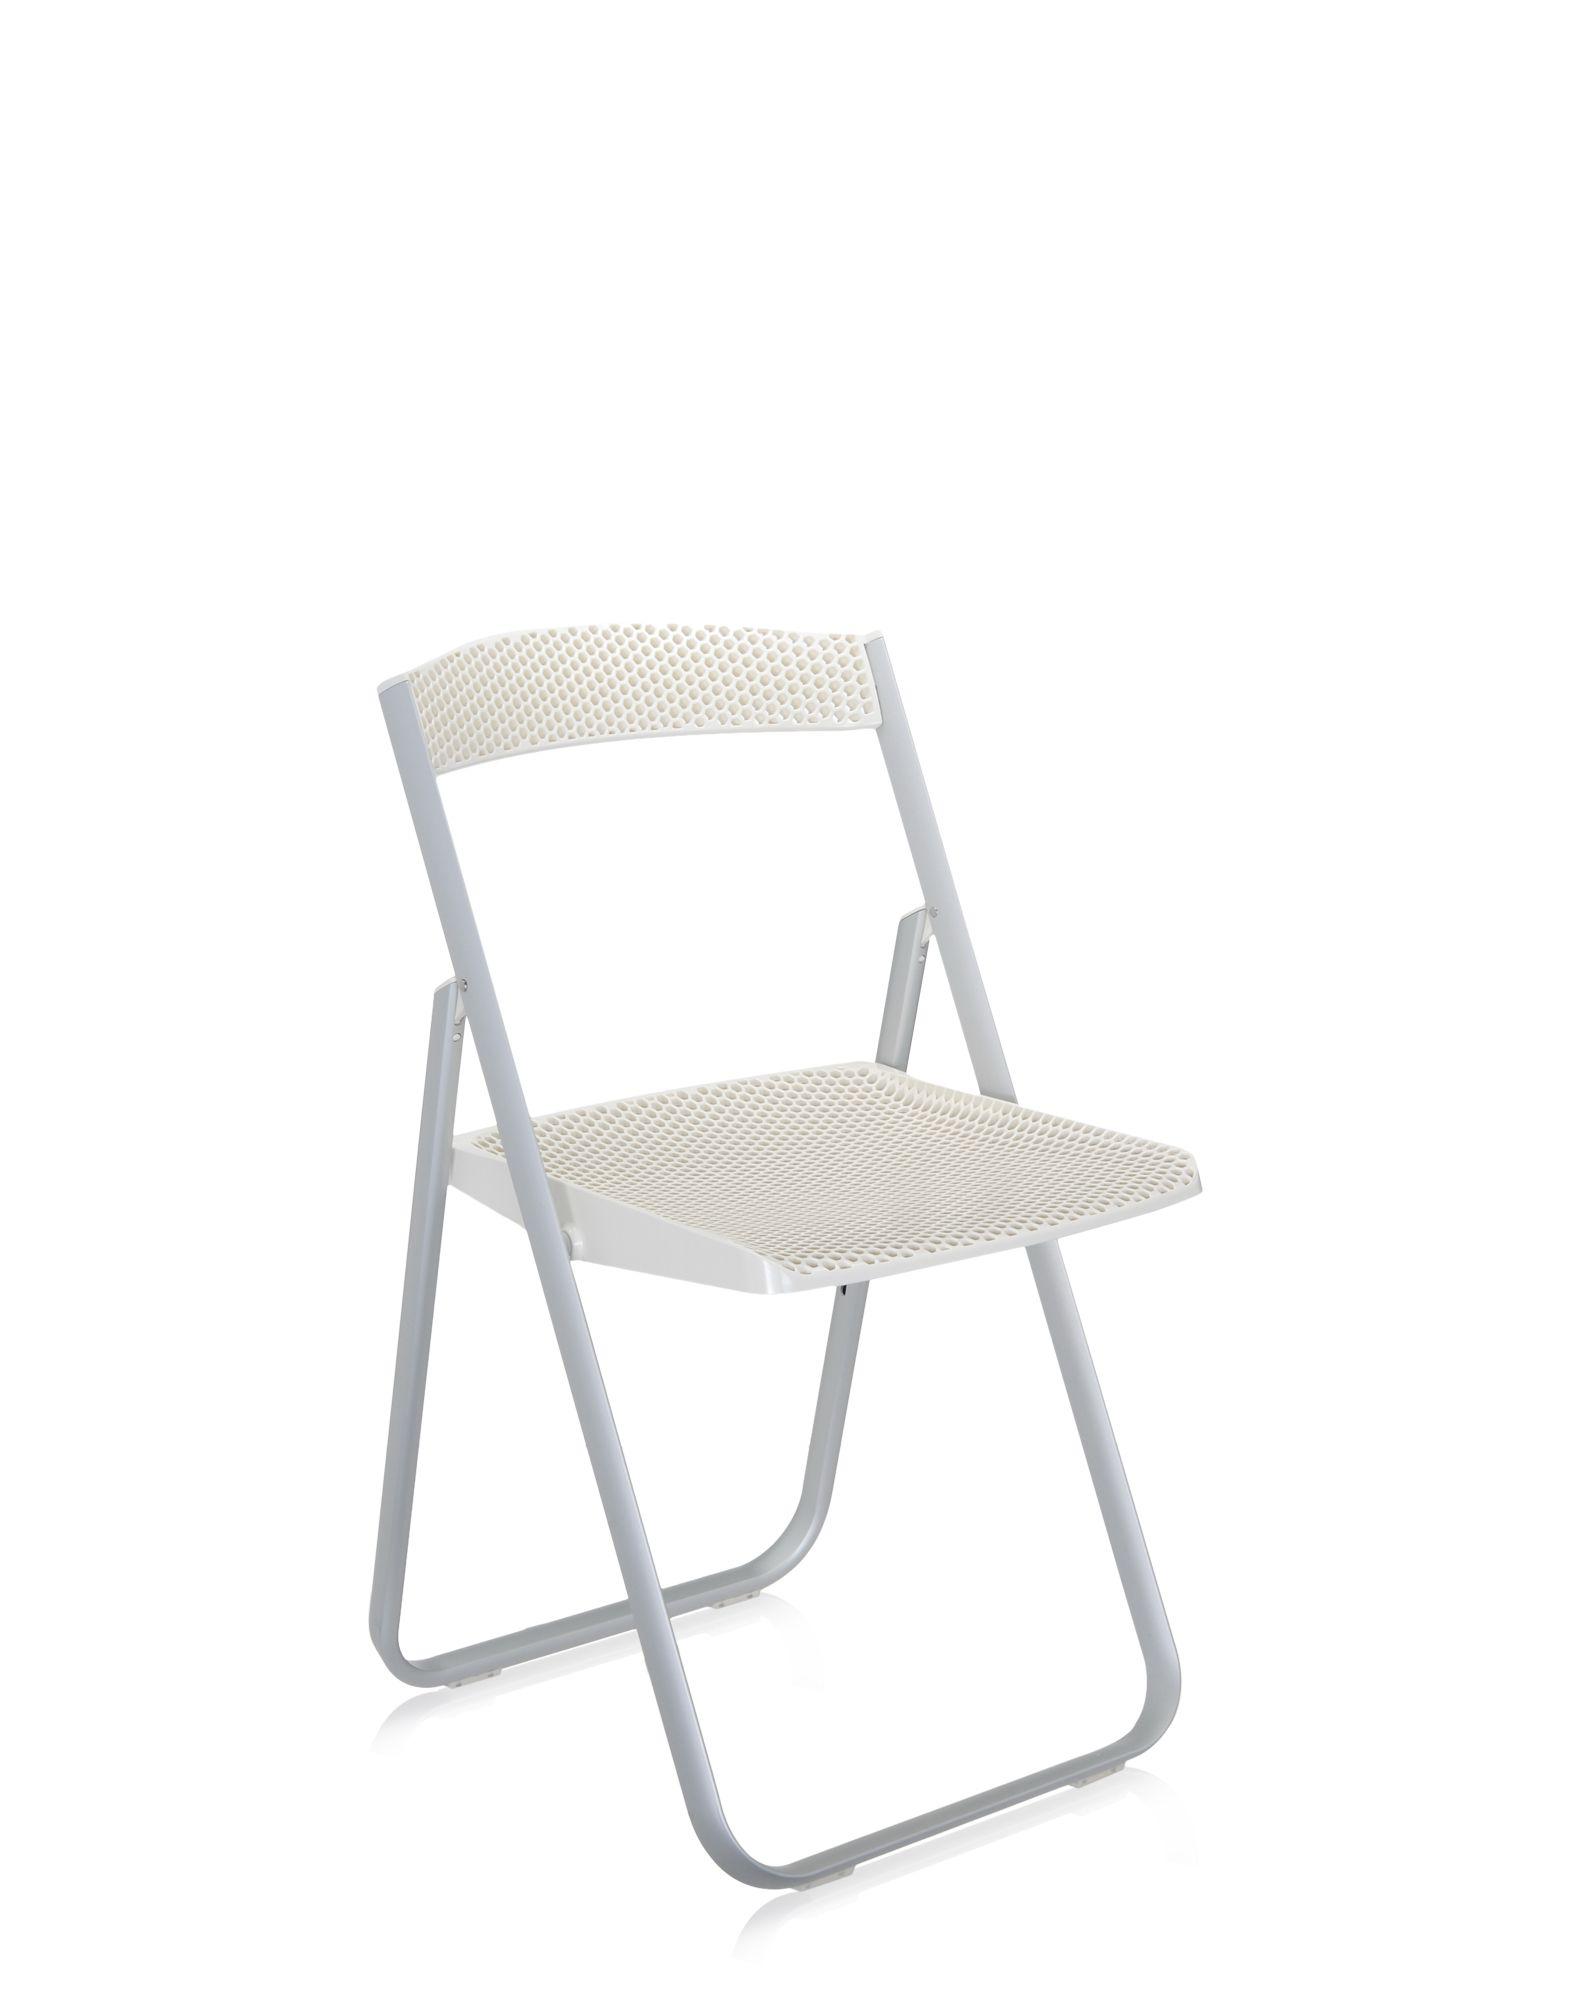 Kartell folding chair honey b covering white